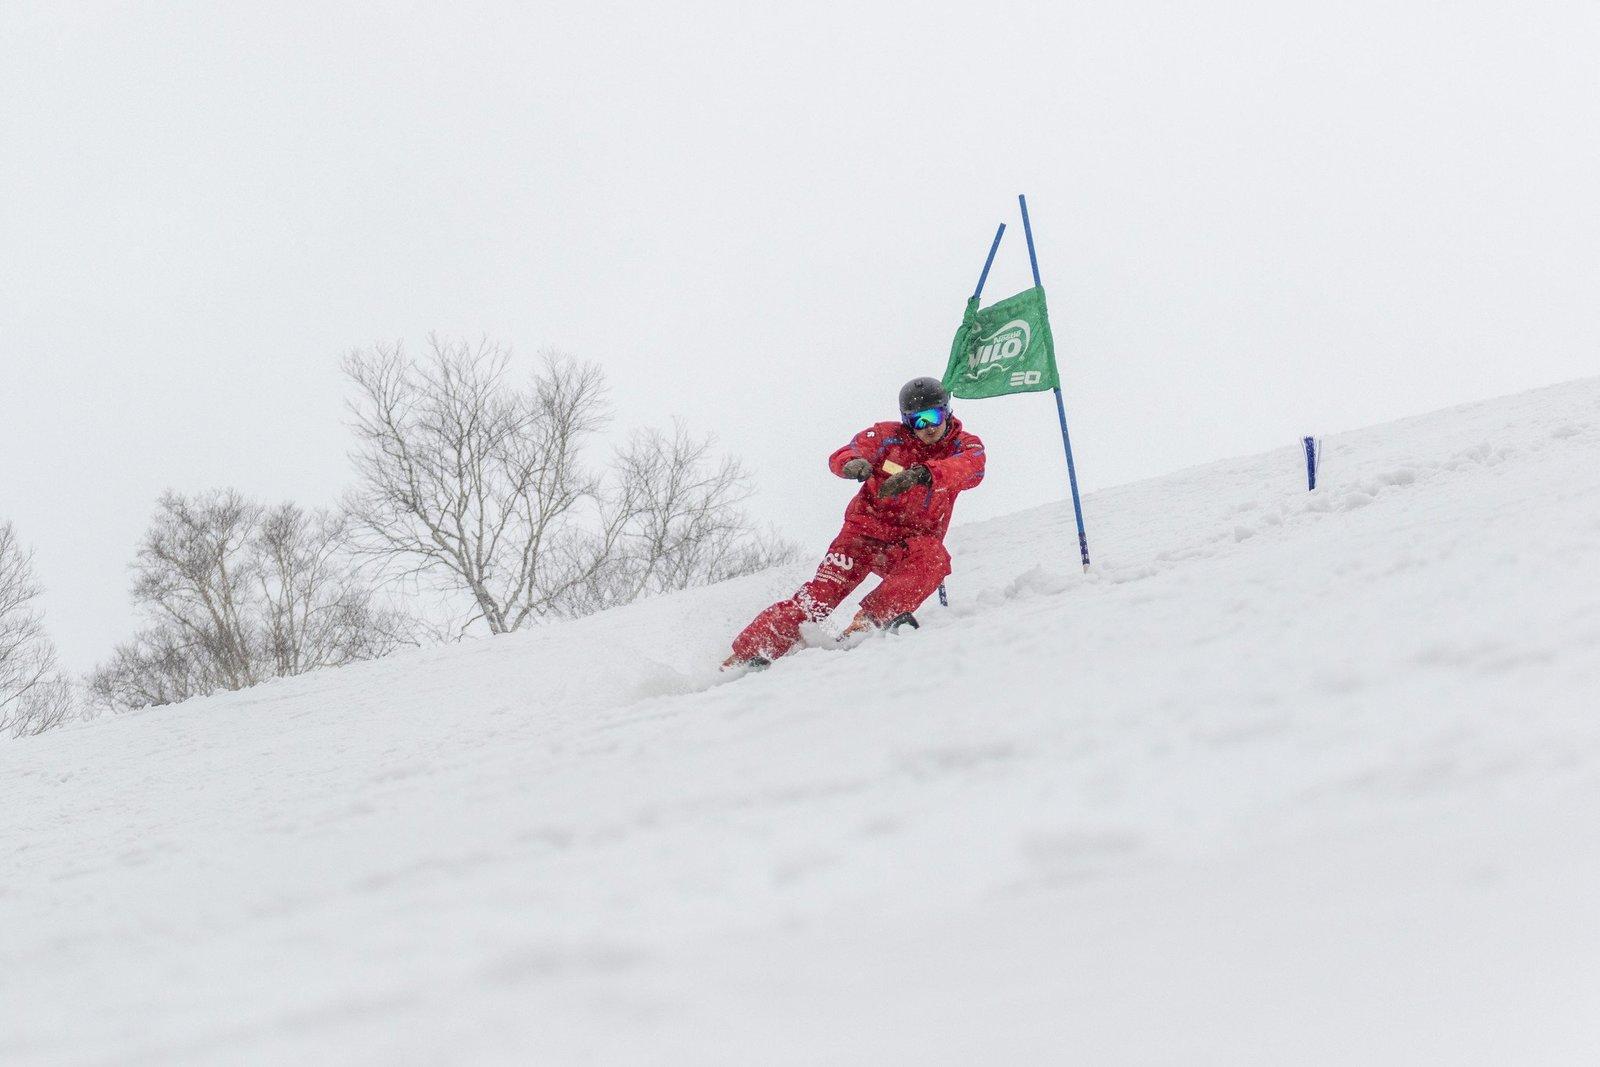 レーシングのお手本を見せるスキーインストラクター